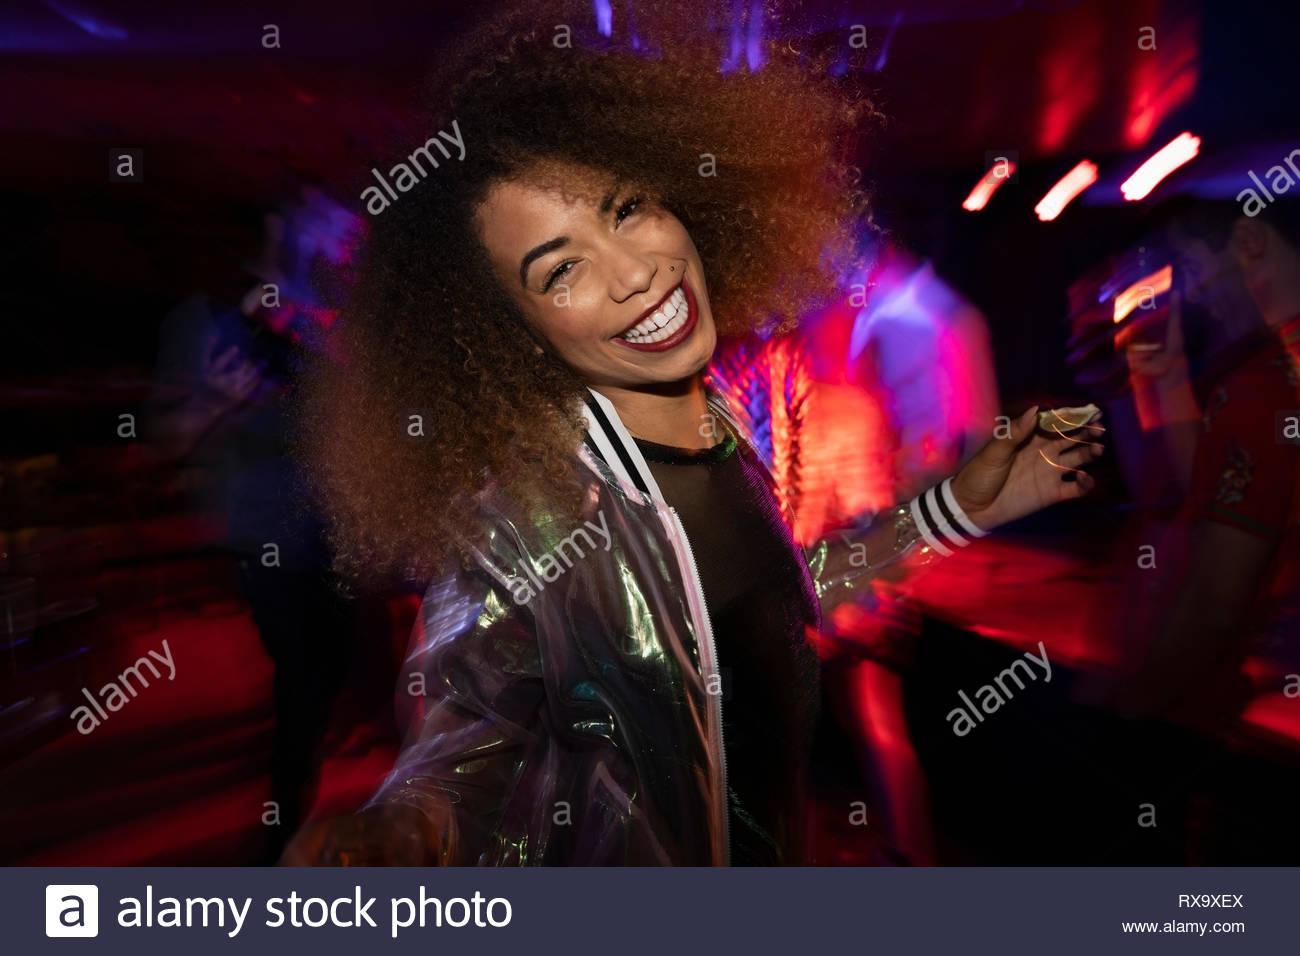 Retrato joven despreocupado bailando en la discoteca Imagen De Stock